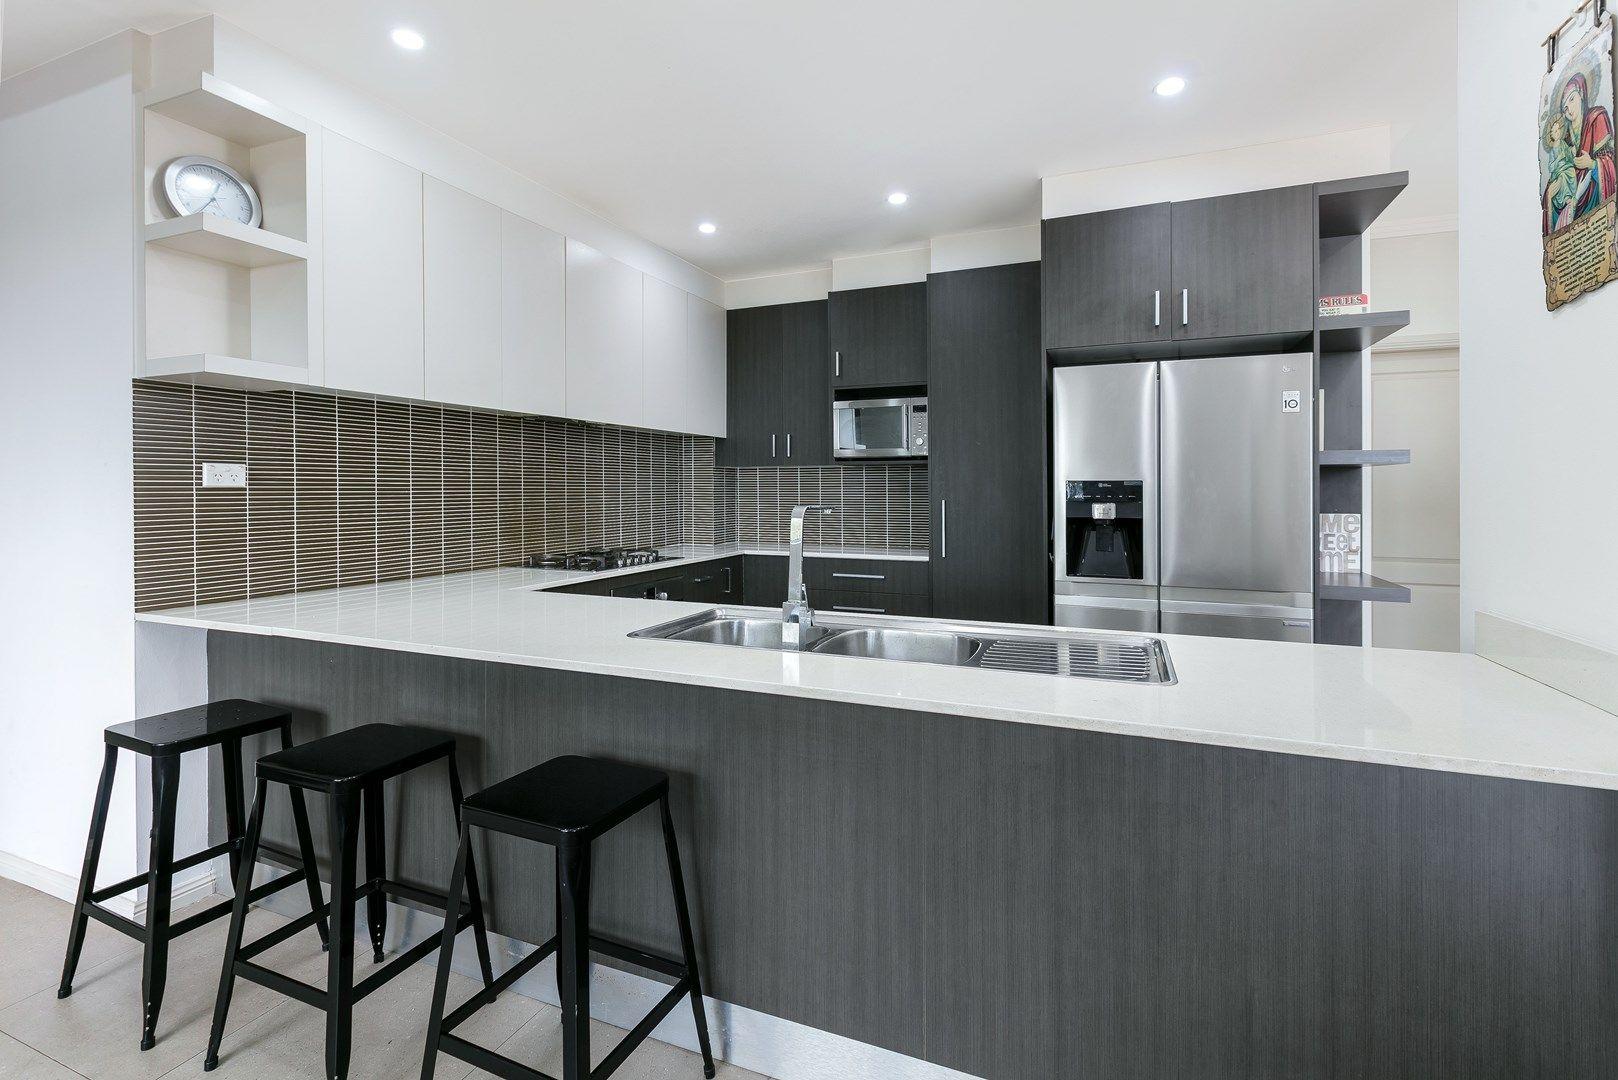 1 Mangalore Drive, Winston Hills NSW 2153, Image 1